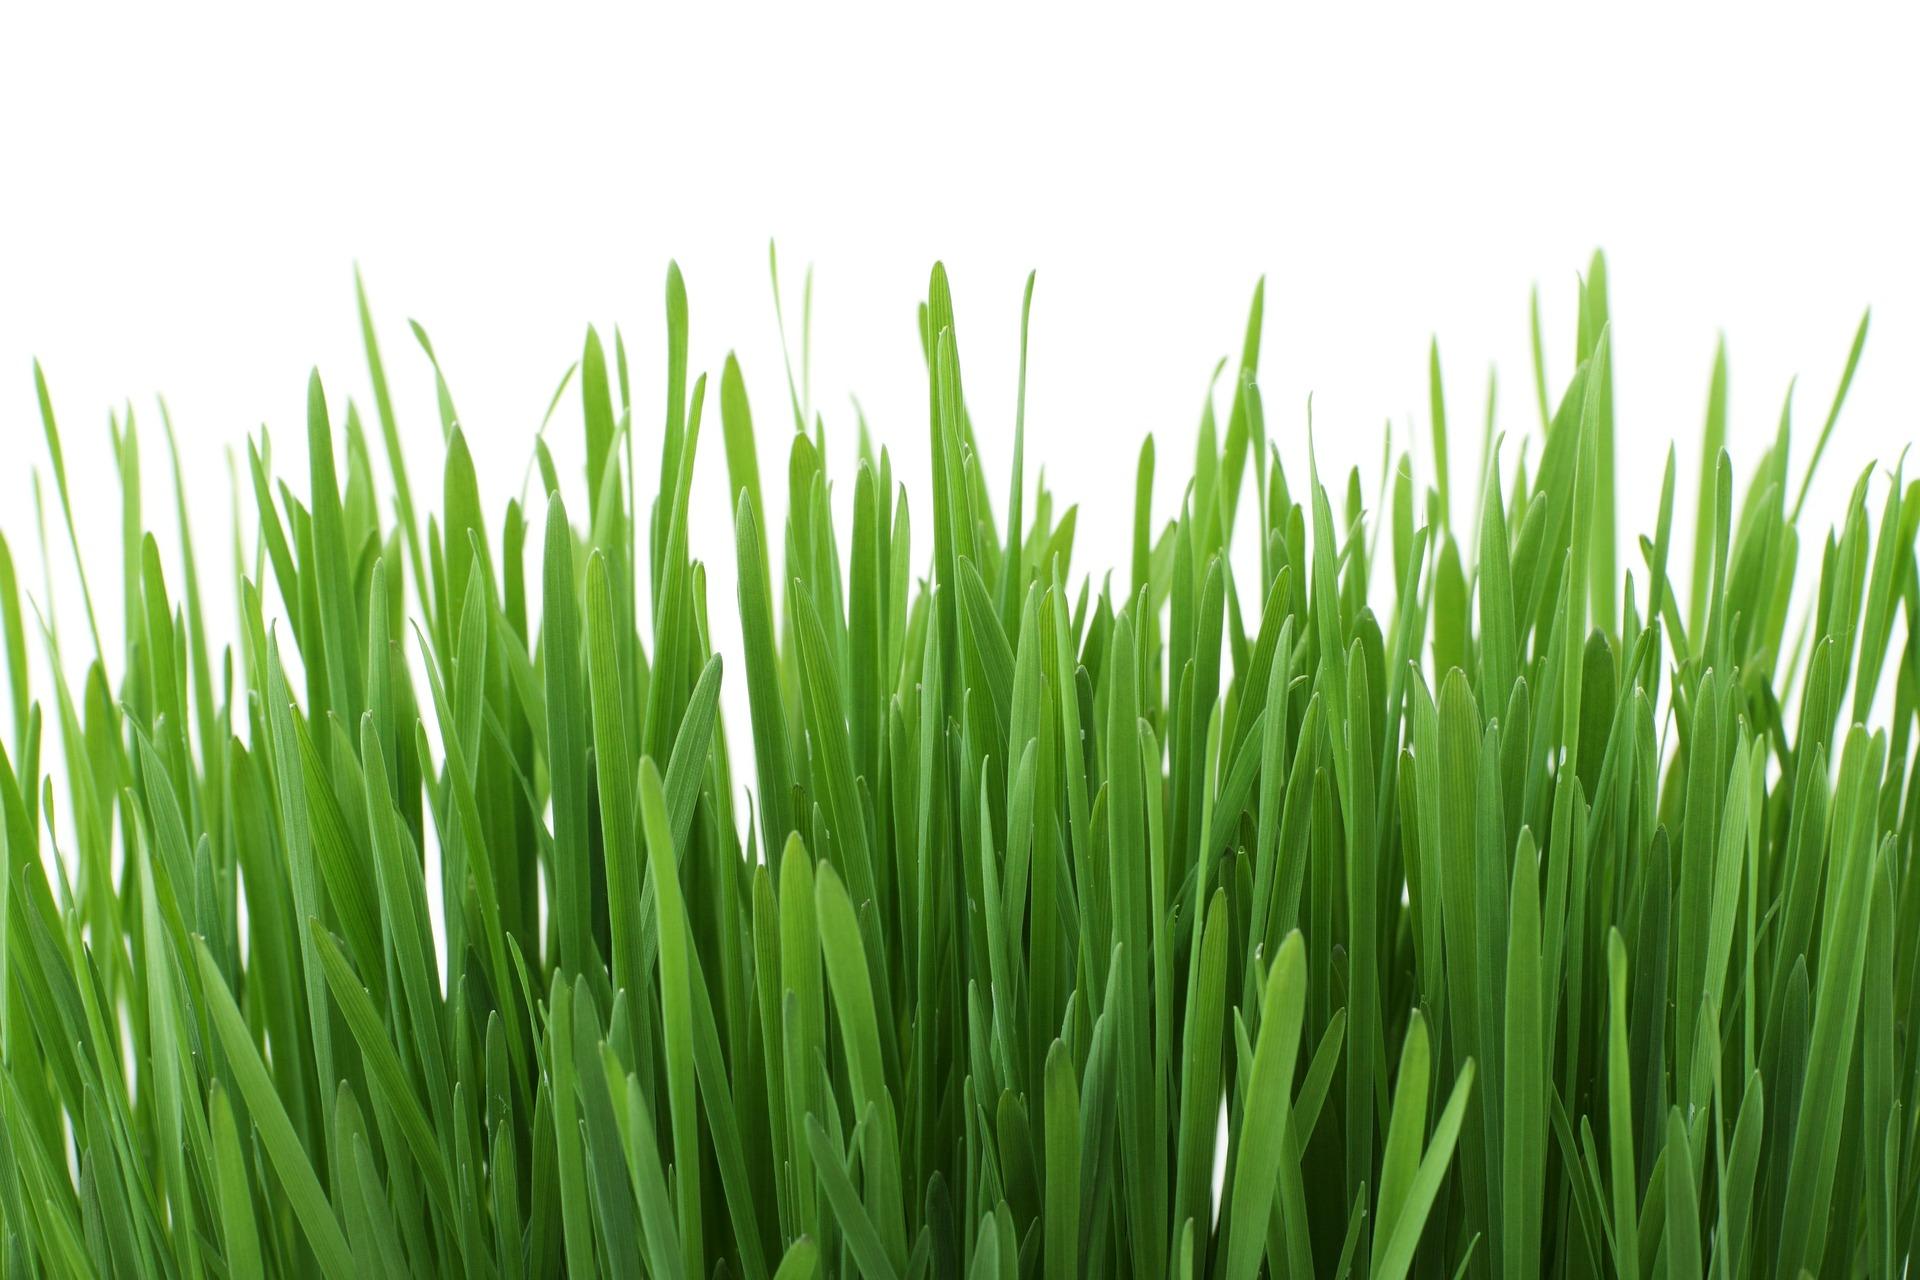 Rasen düngen im Frühjahr - Eine Anleitung